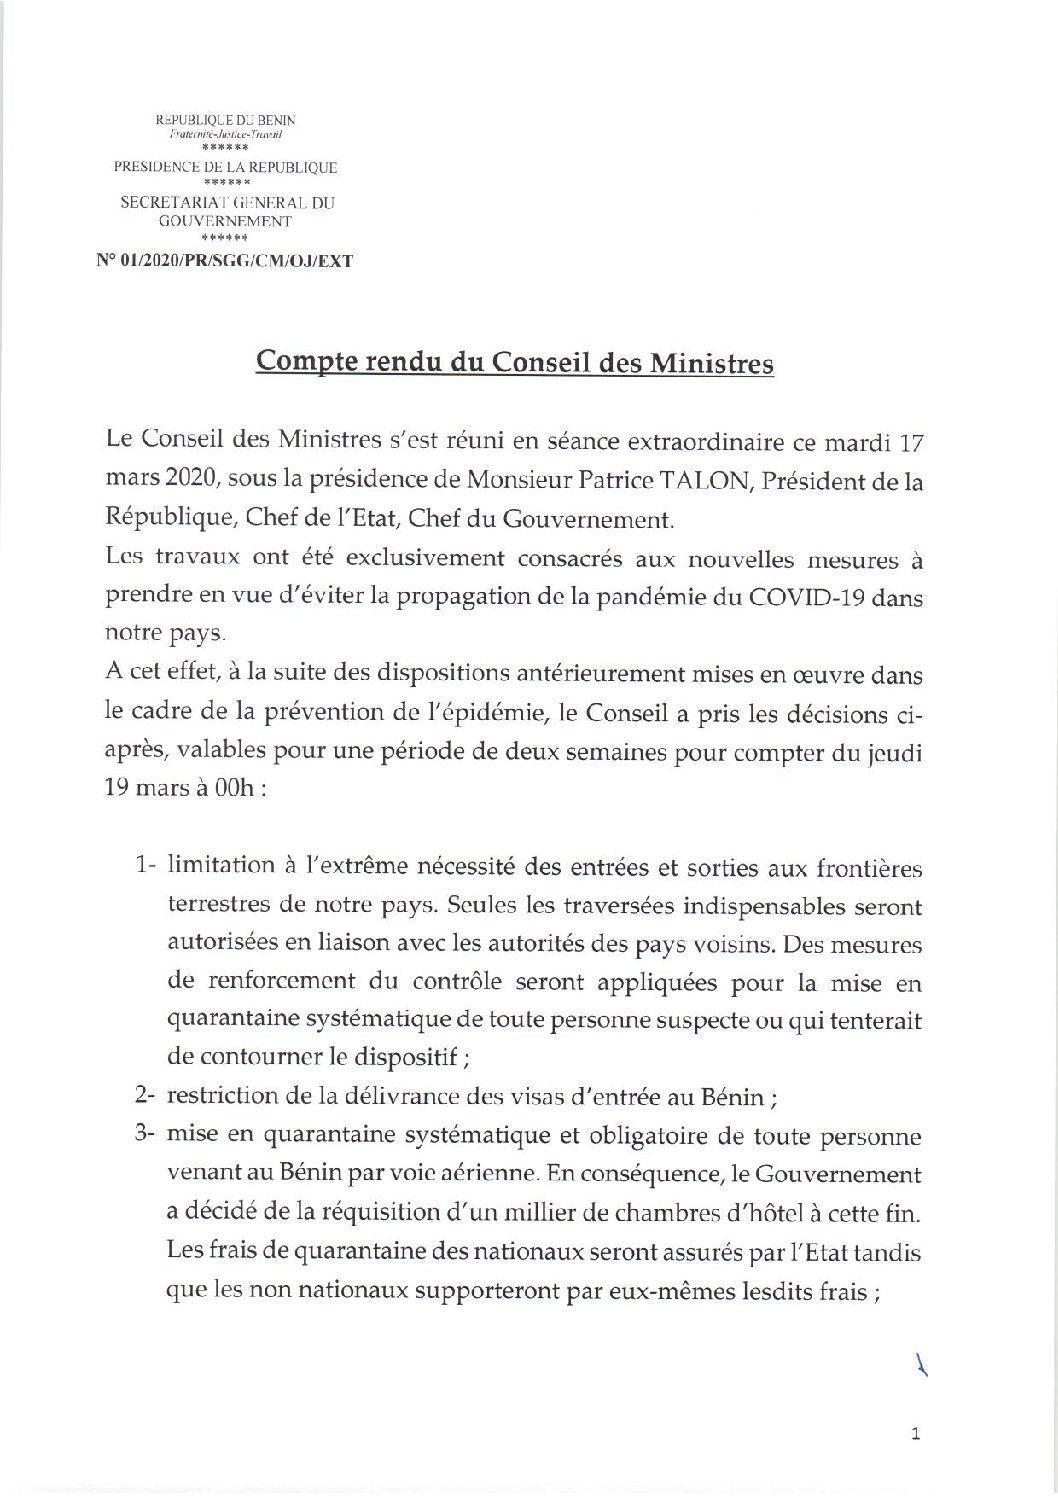 #COVID-19 / #BENIN: LES GRANDES #DÉCISIONS DU #CONSEIL EXTRAORDINAIRE DES #MINISTRES DU MARDI 17 MARS 2020